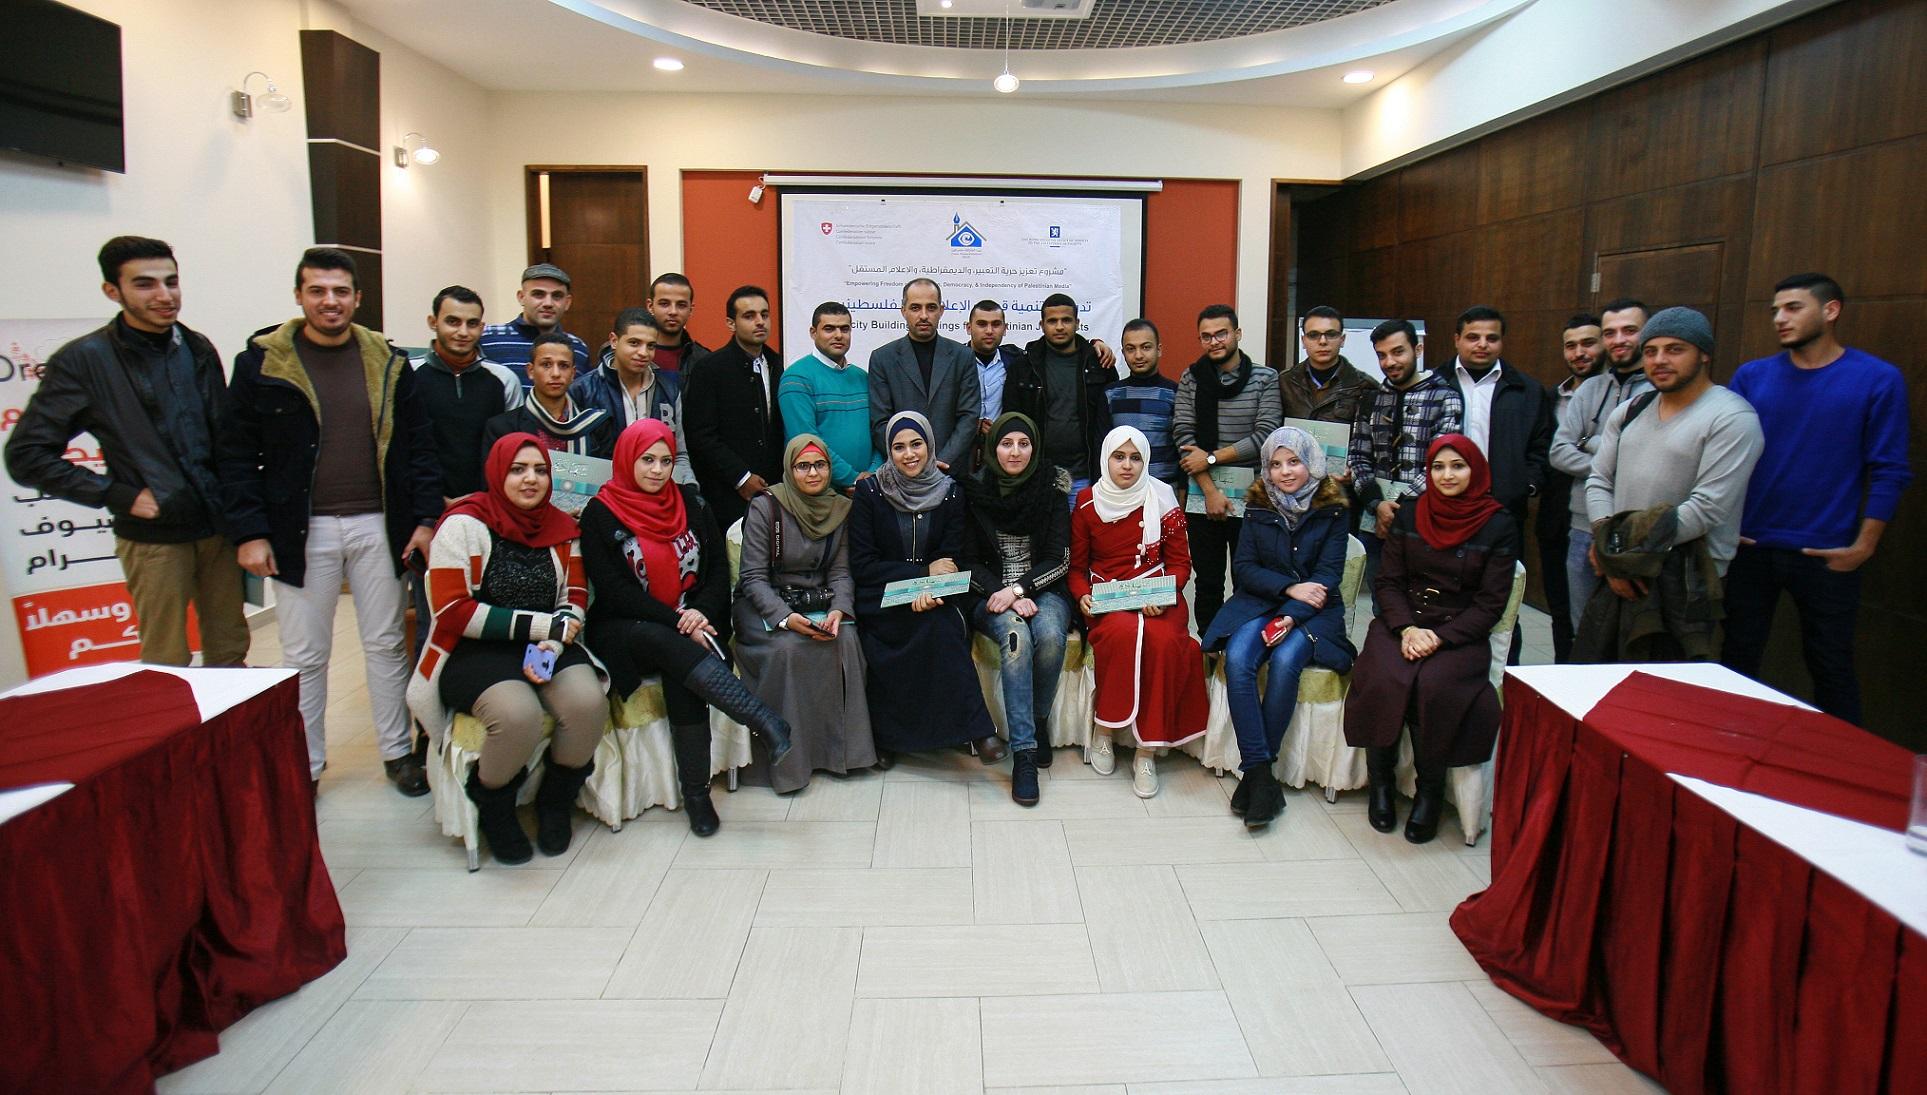 بيت الصحافة يختتم دورة تدريبية بعنوان 'توظيف وسائل التواصل الاجتماعي في الحملات الاعلامية'